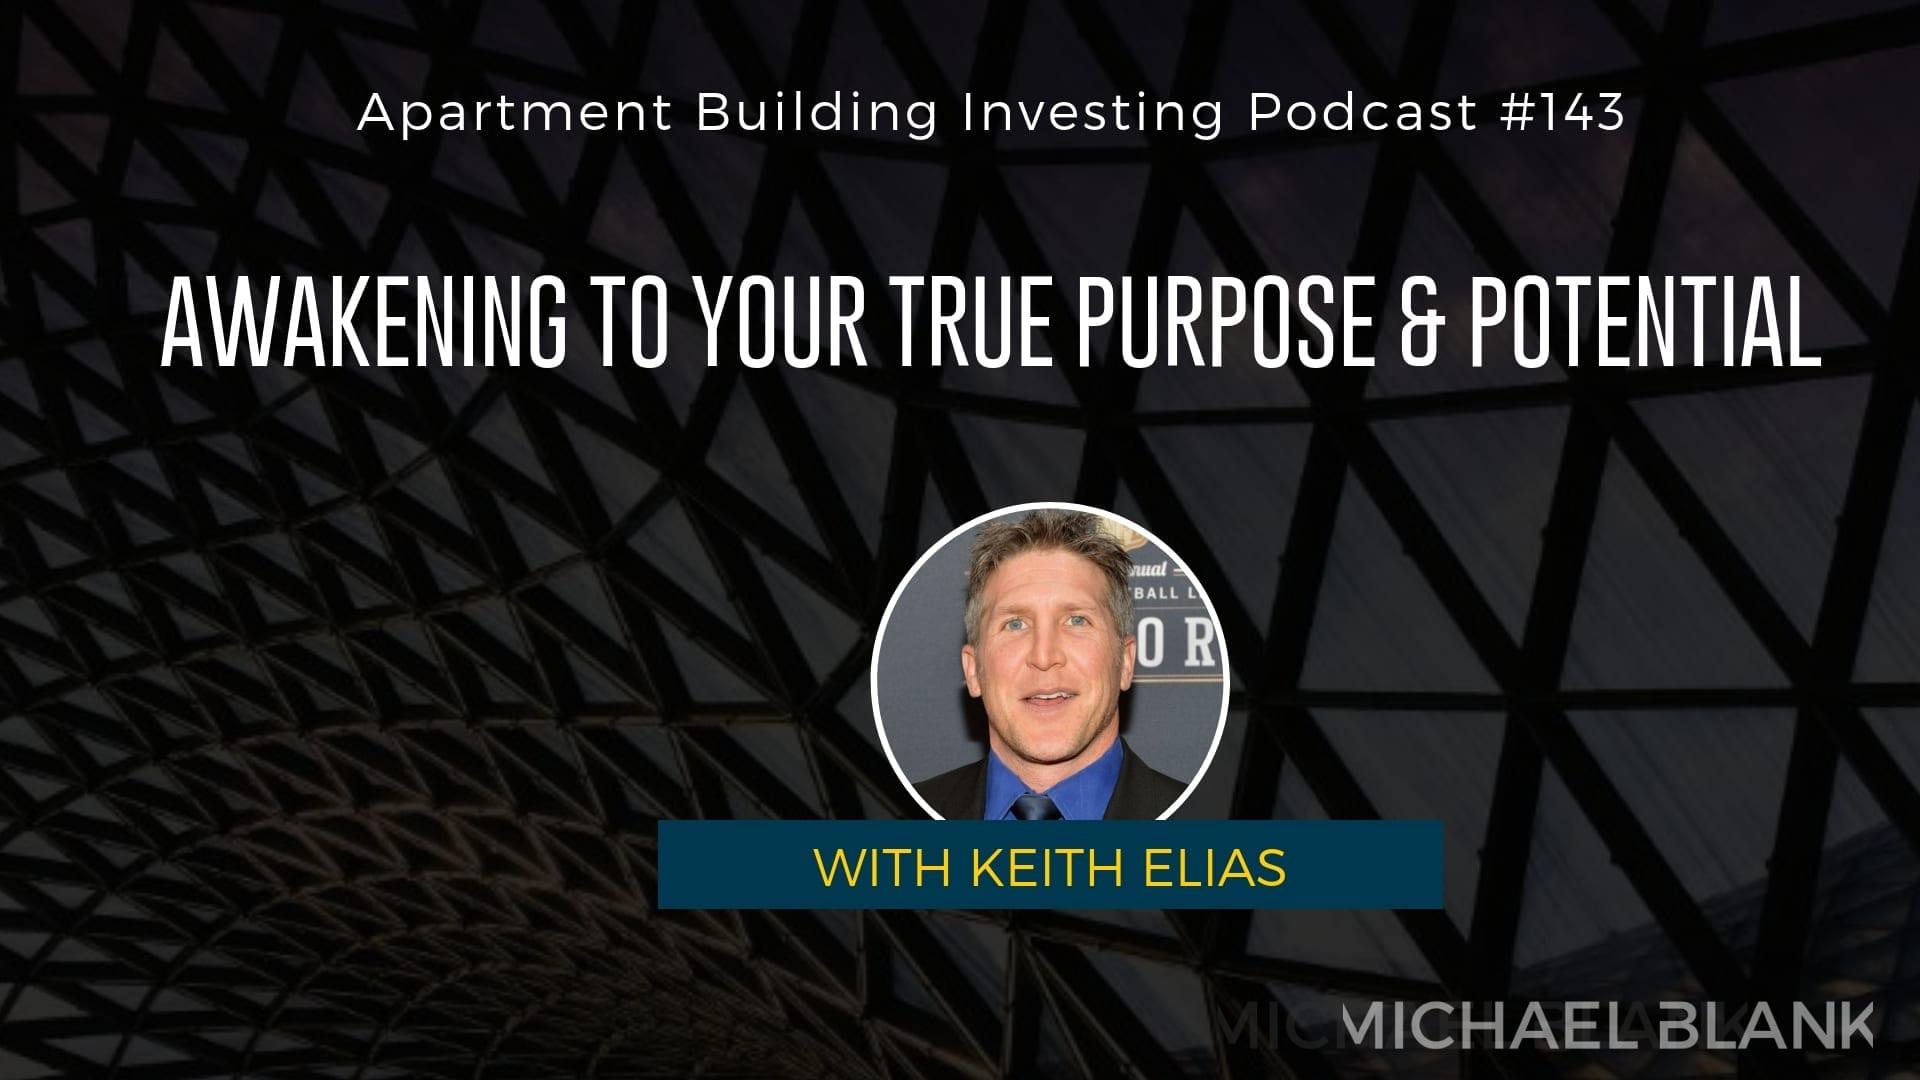 MB 143: Awakening to Your True Purpose & Potential – With Keith Elias